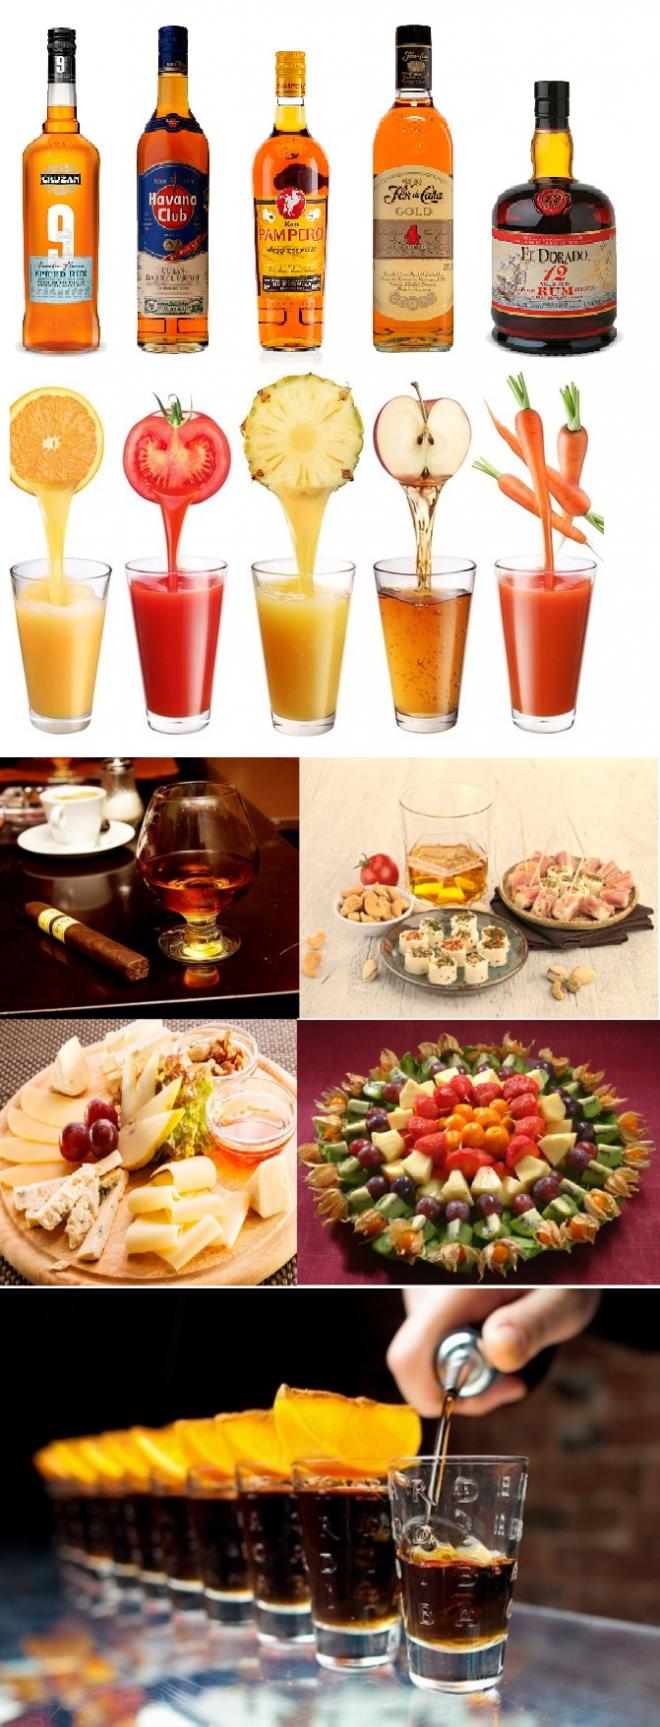 Как правильно пить ром: полезные советы